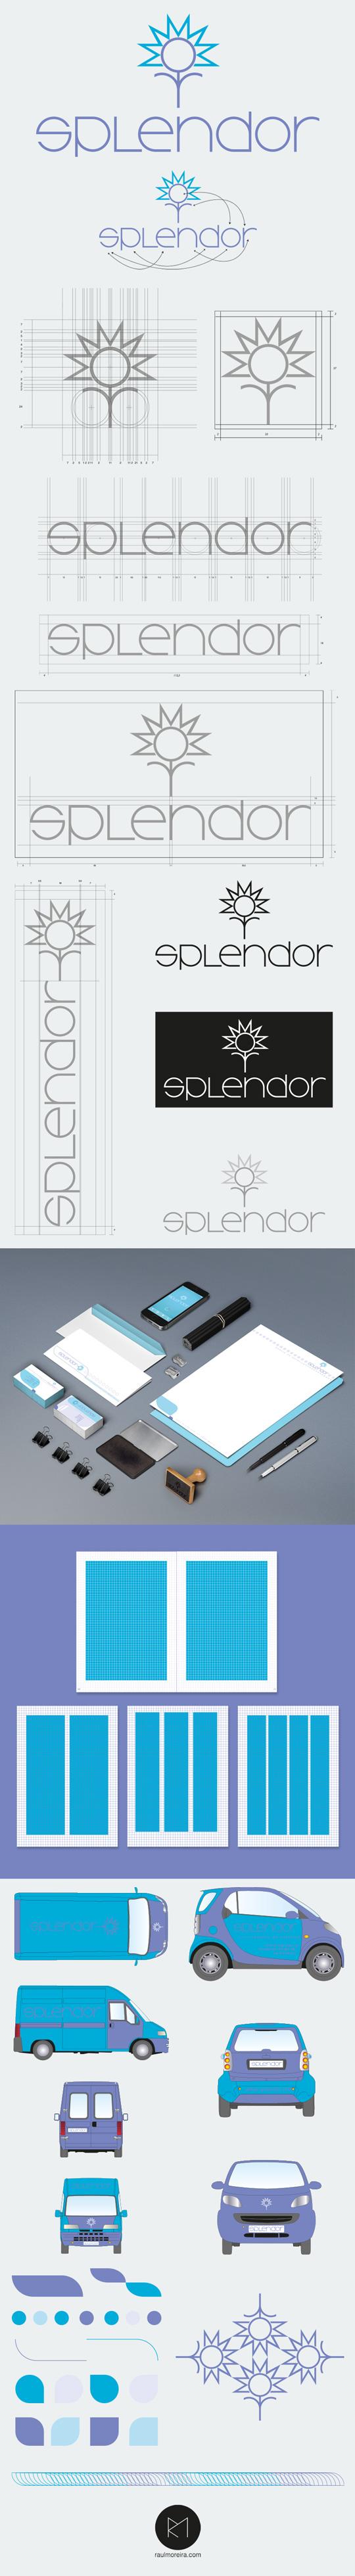 Splendor, logos de empresas de servicios logotipos creativos